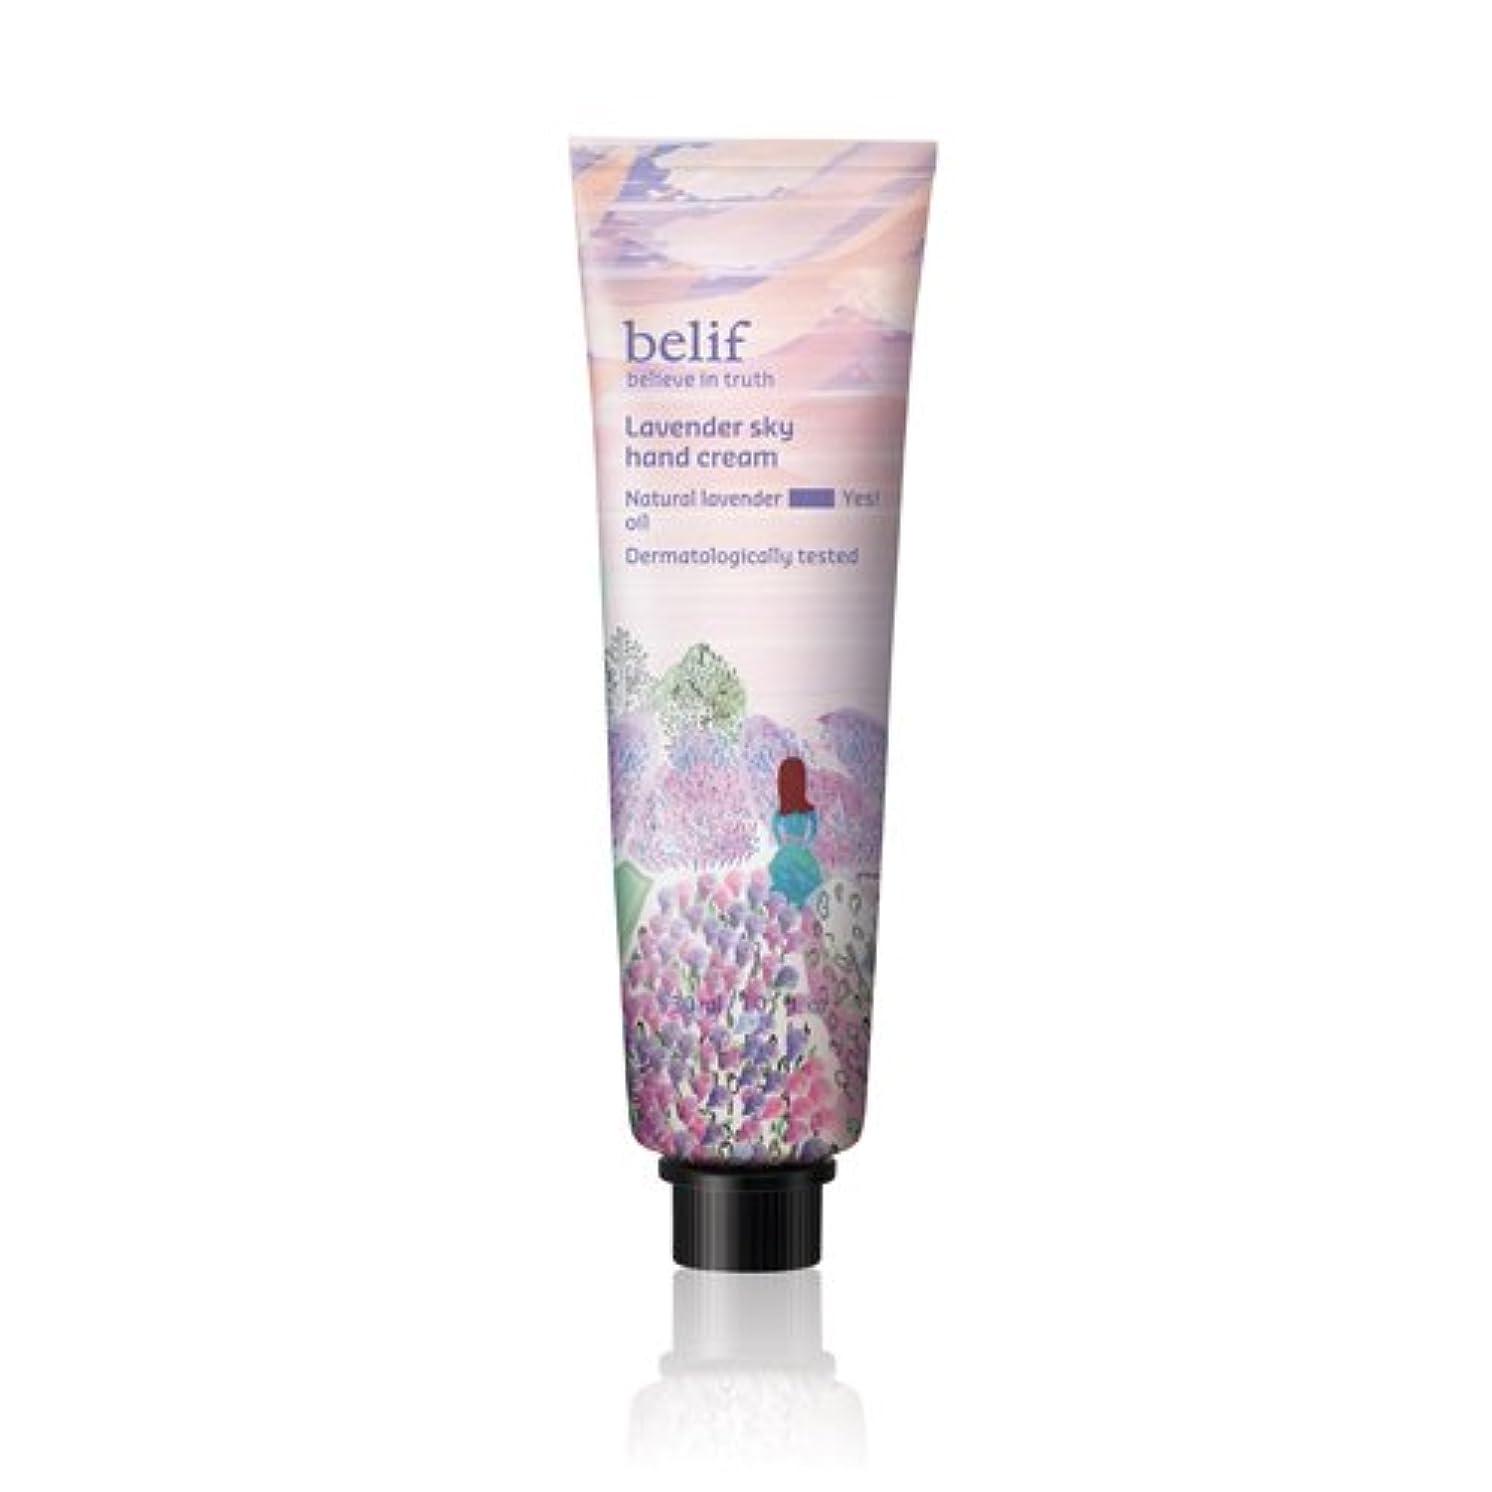 信頼上に築きます間隔Belif(ビリーフ)Lavender sky hand cream 30ml/ラベンダースカイハンドクリーム